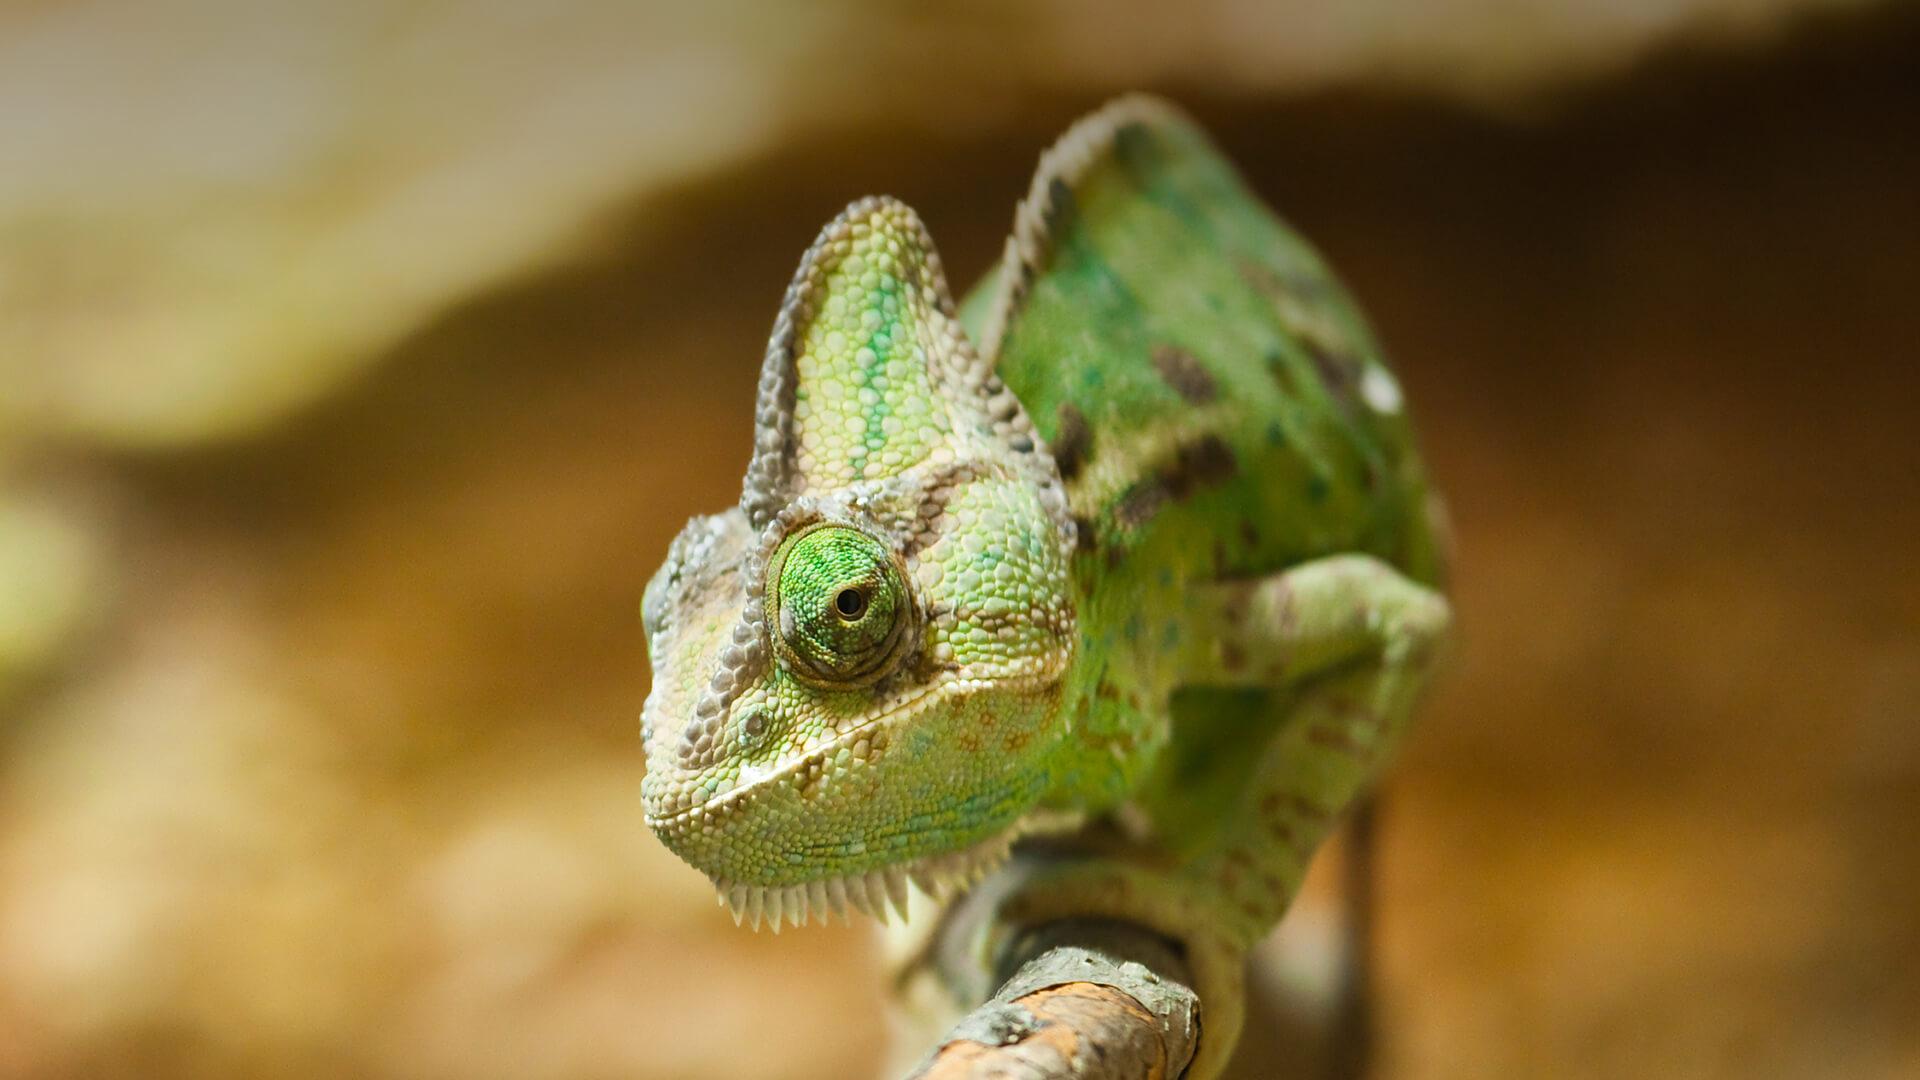 Key points for chameleon